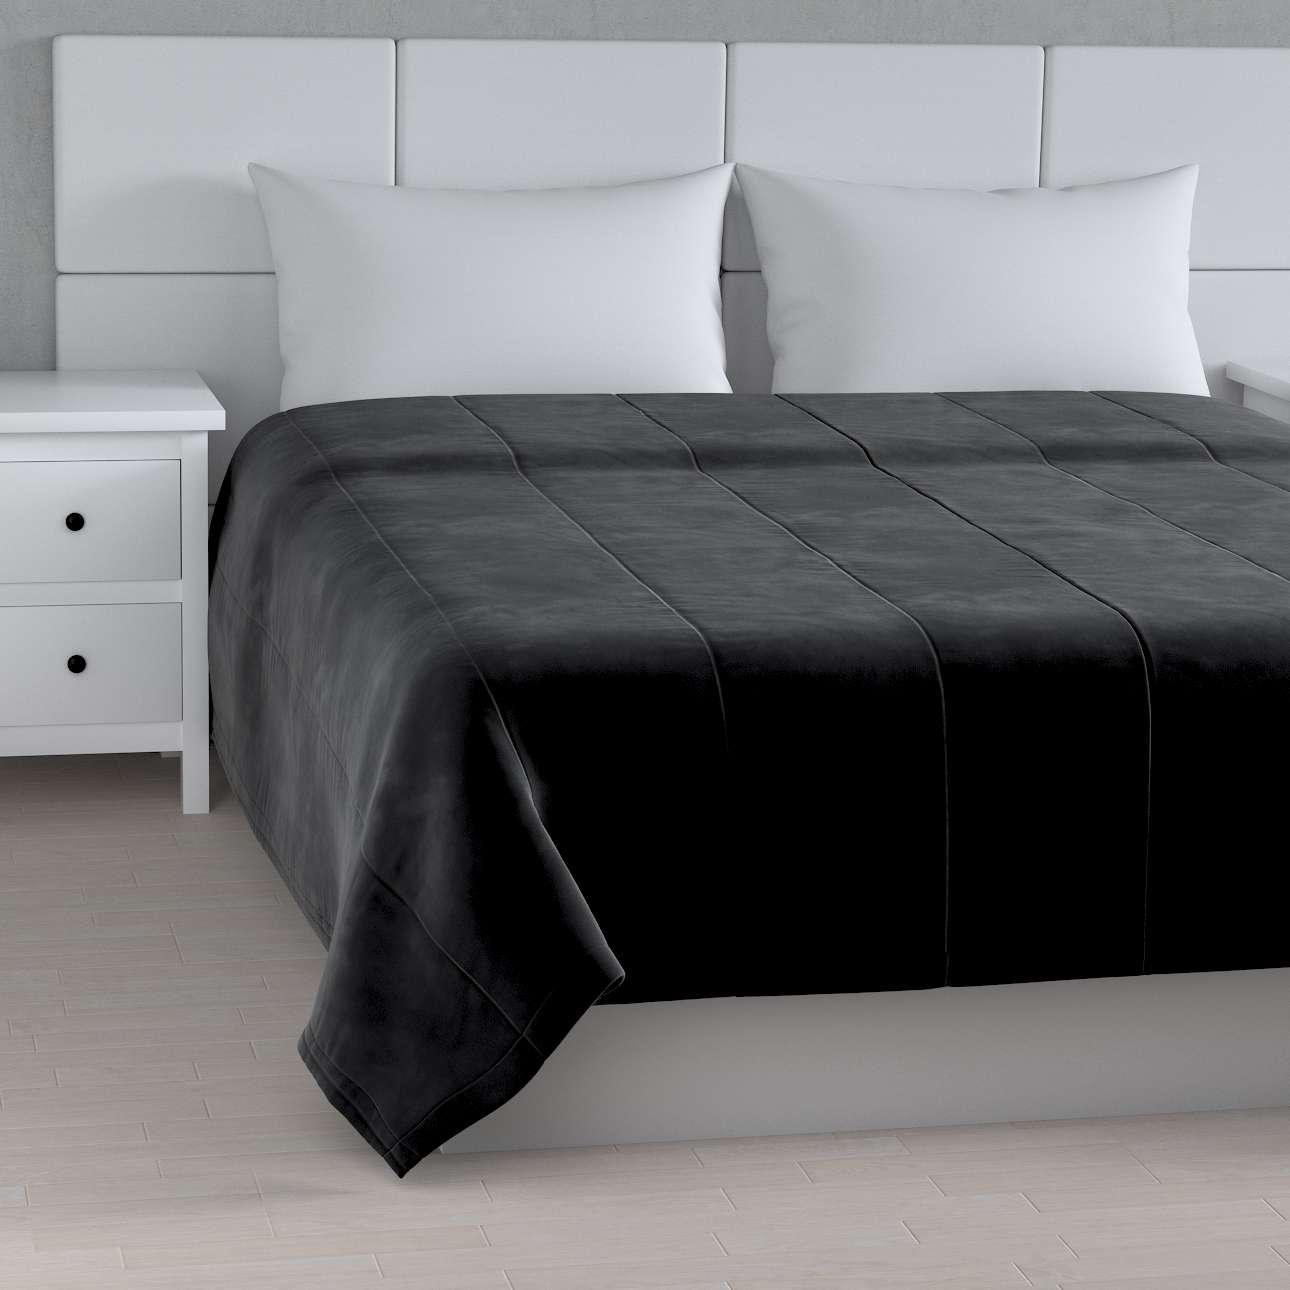 Velvet kolekcijos lovatiesės su vertikaliu dygsniavimu kolekcijoje Velvetas/Aksomas, audinys: 704-17